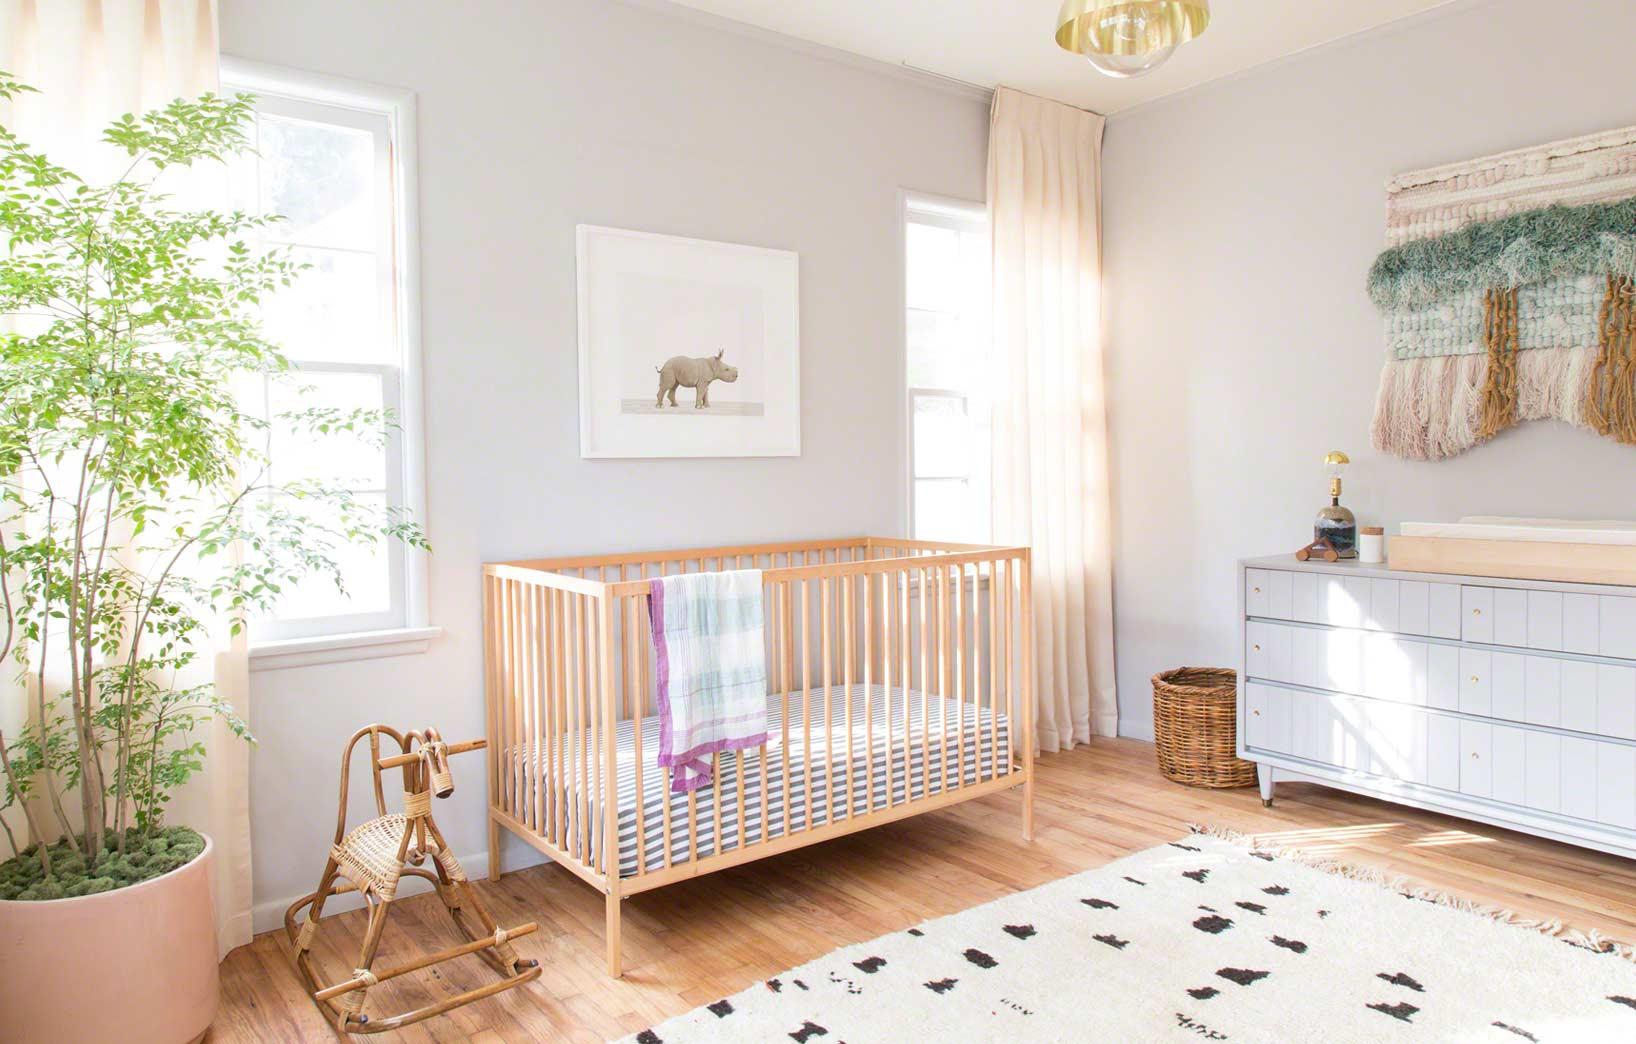 Кровать для новорождённого